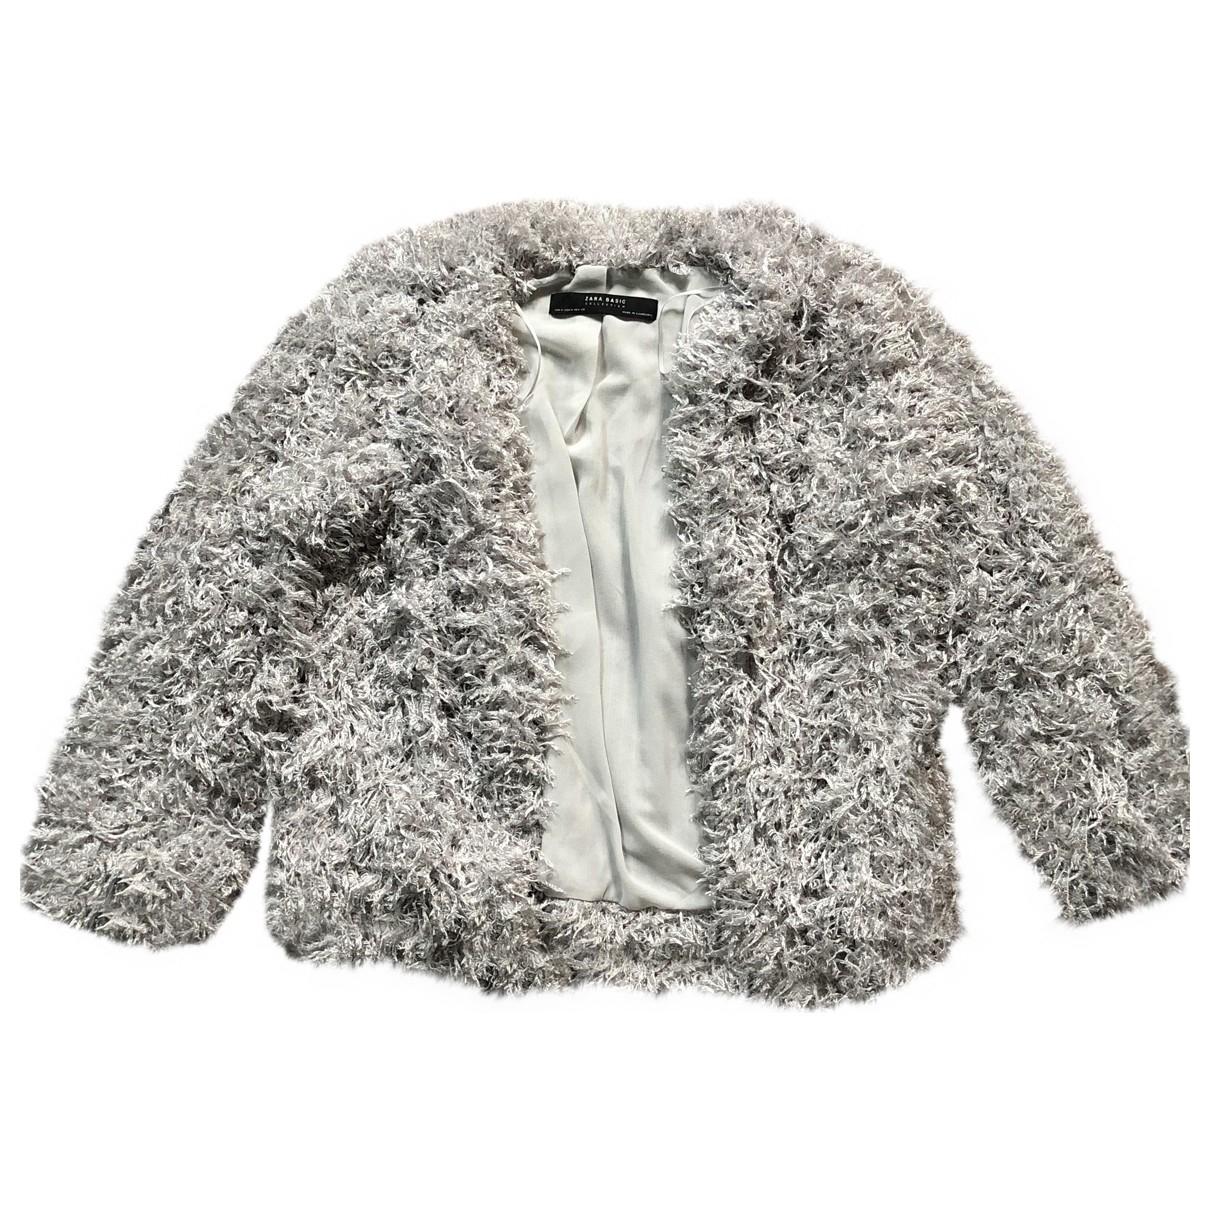 Zara \N Silver coat for Women M International